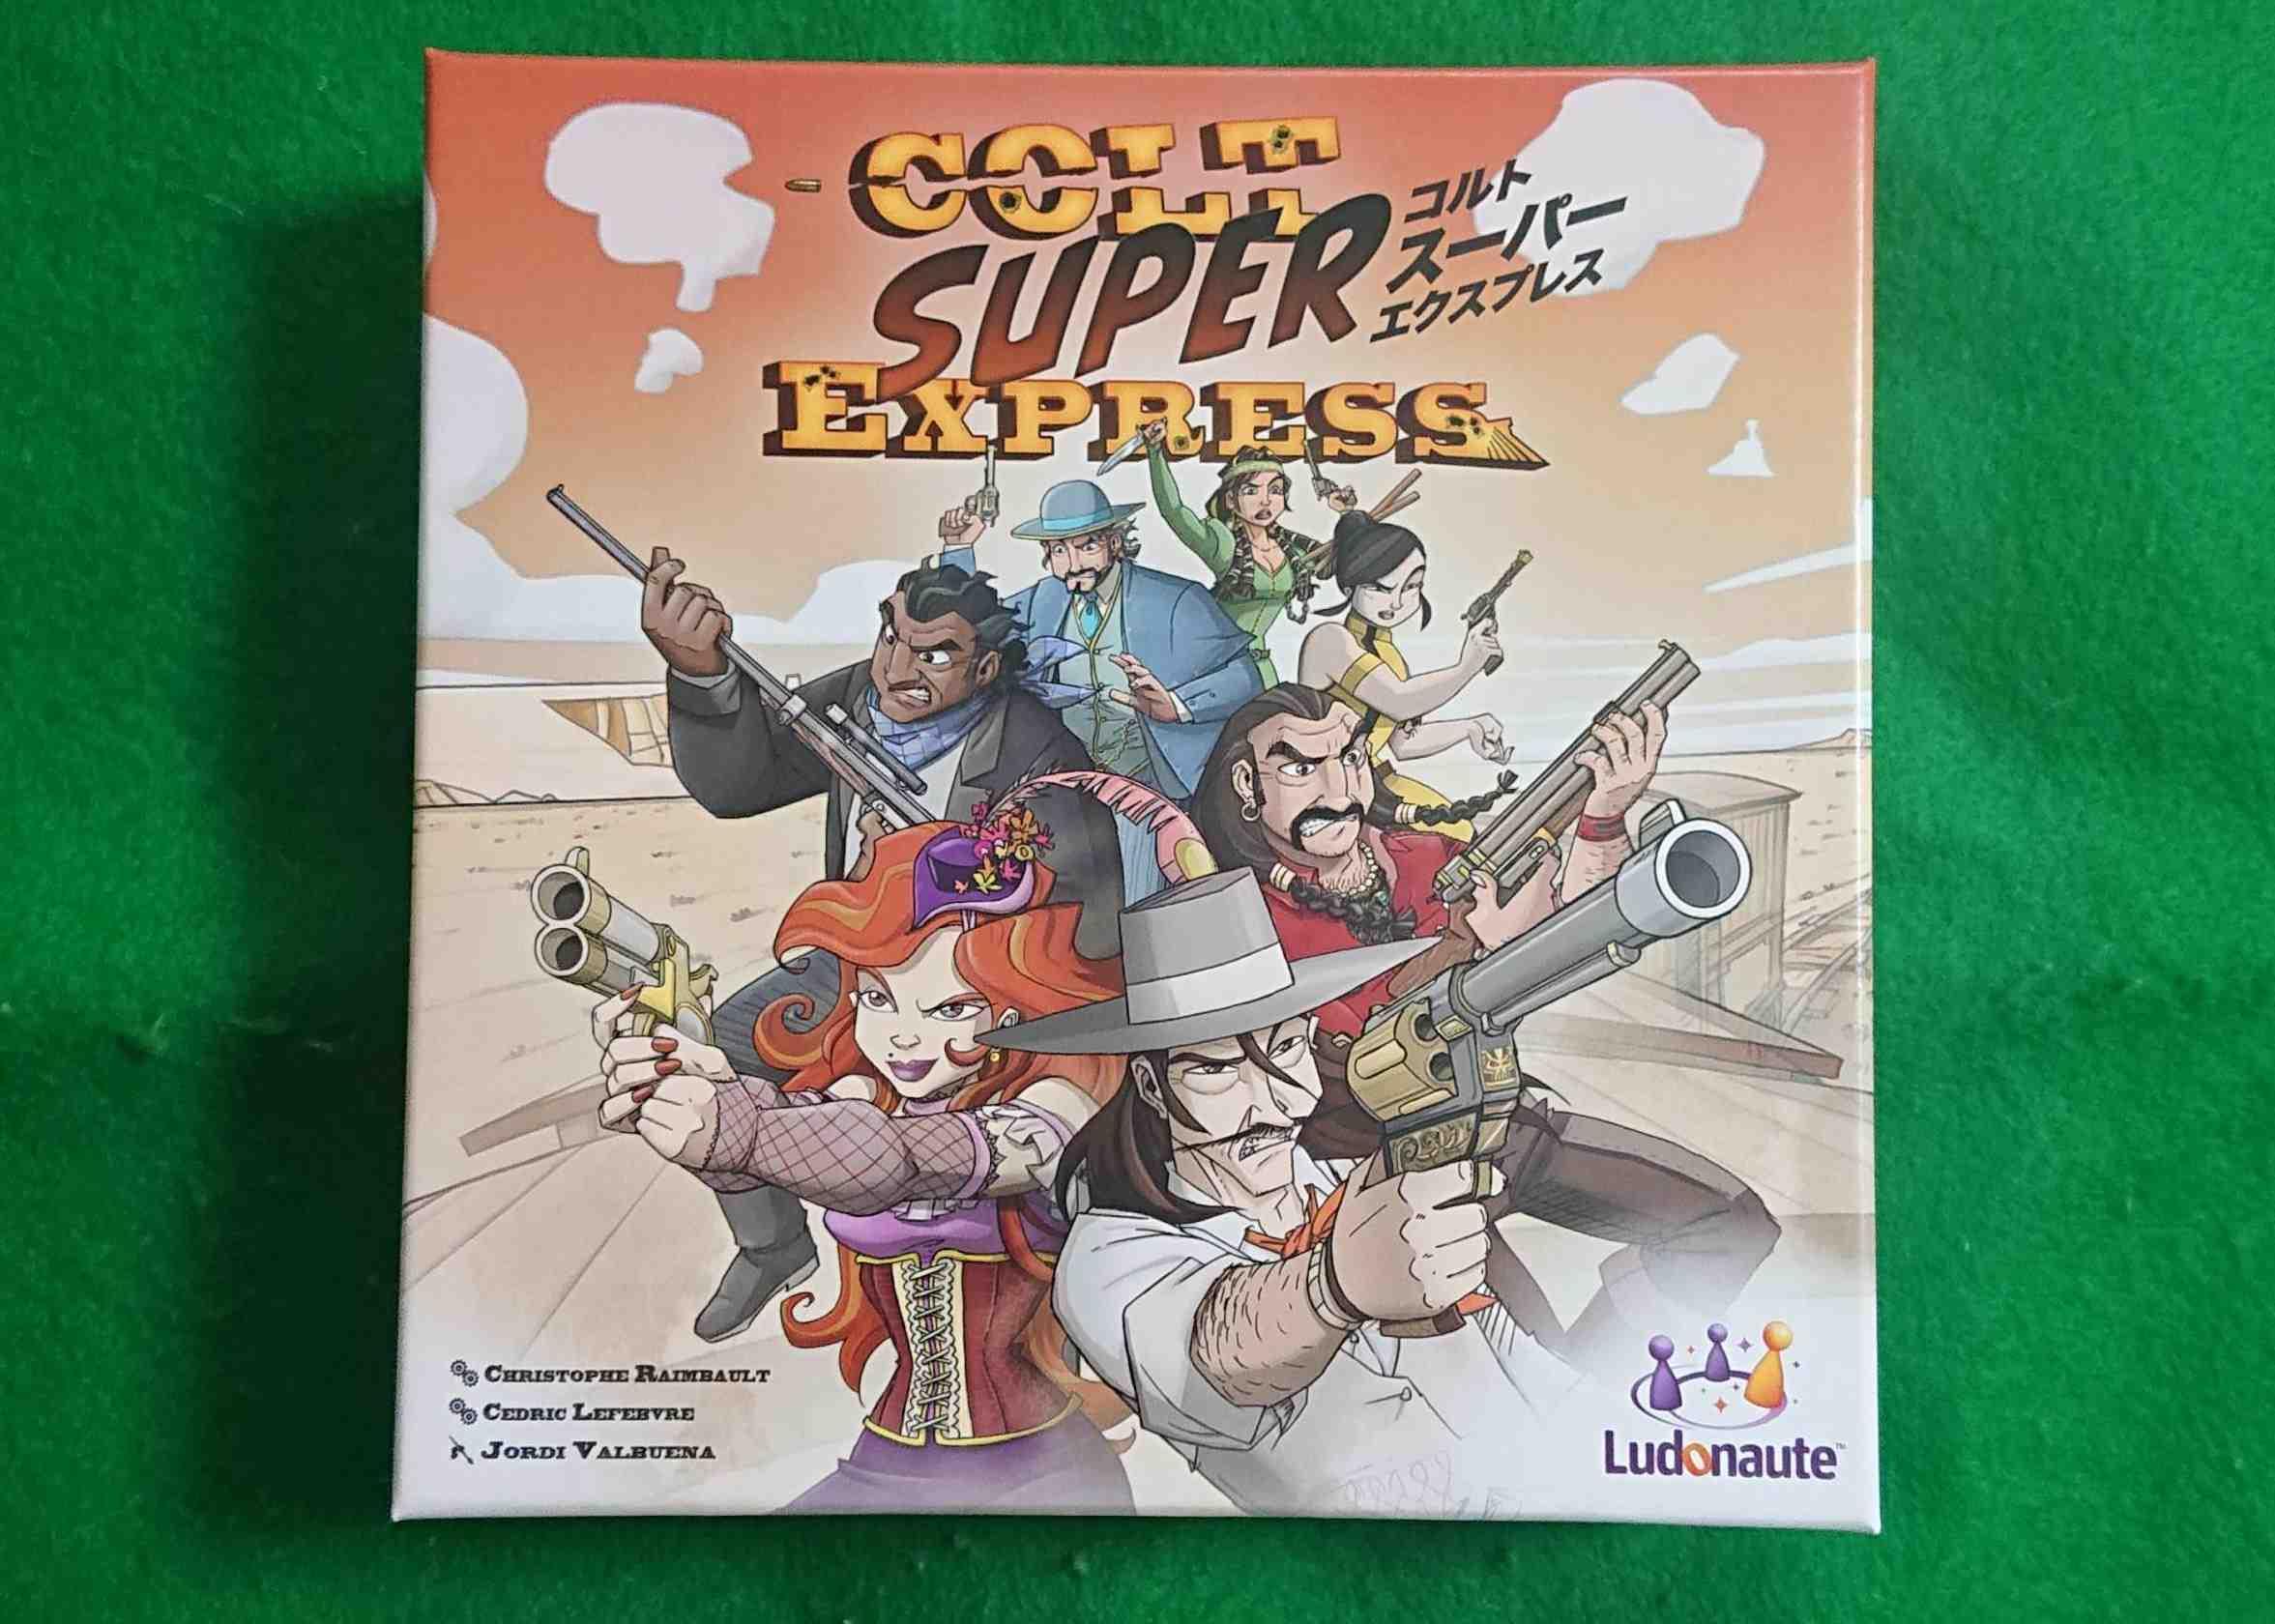 コルトスーパーエクスプレス ルール&レビュー 列車強盗で最後まで生き残るのは誰?! ボードゲーム